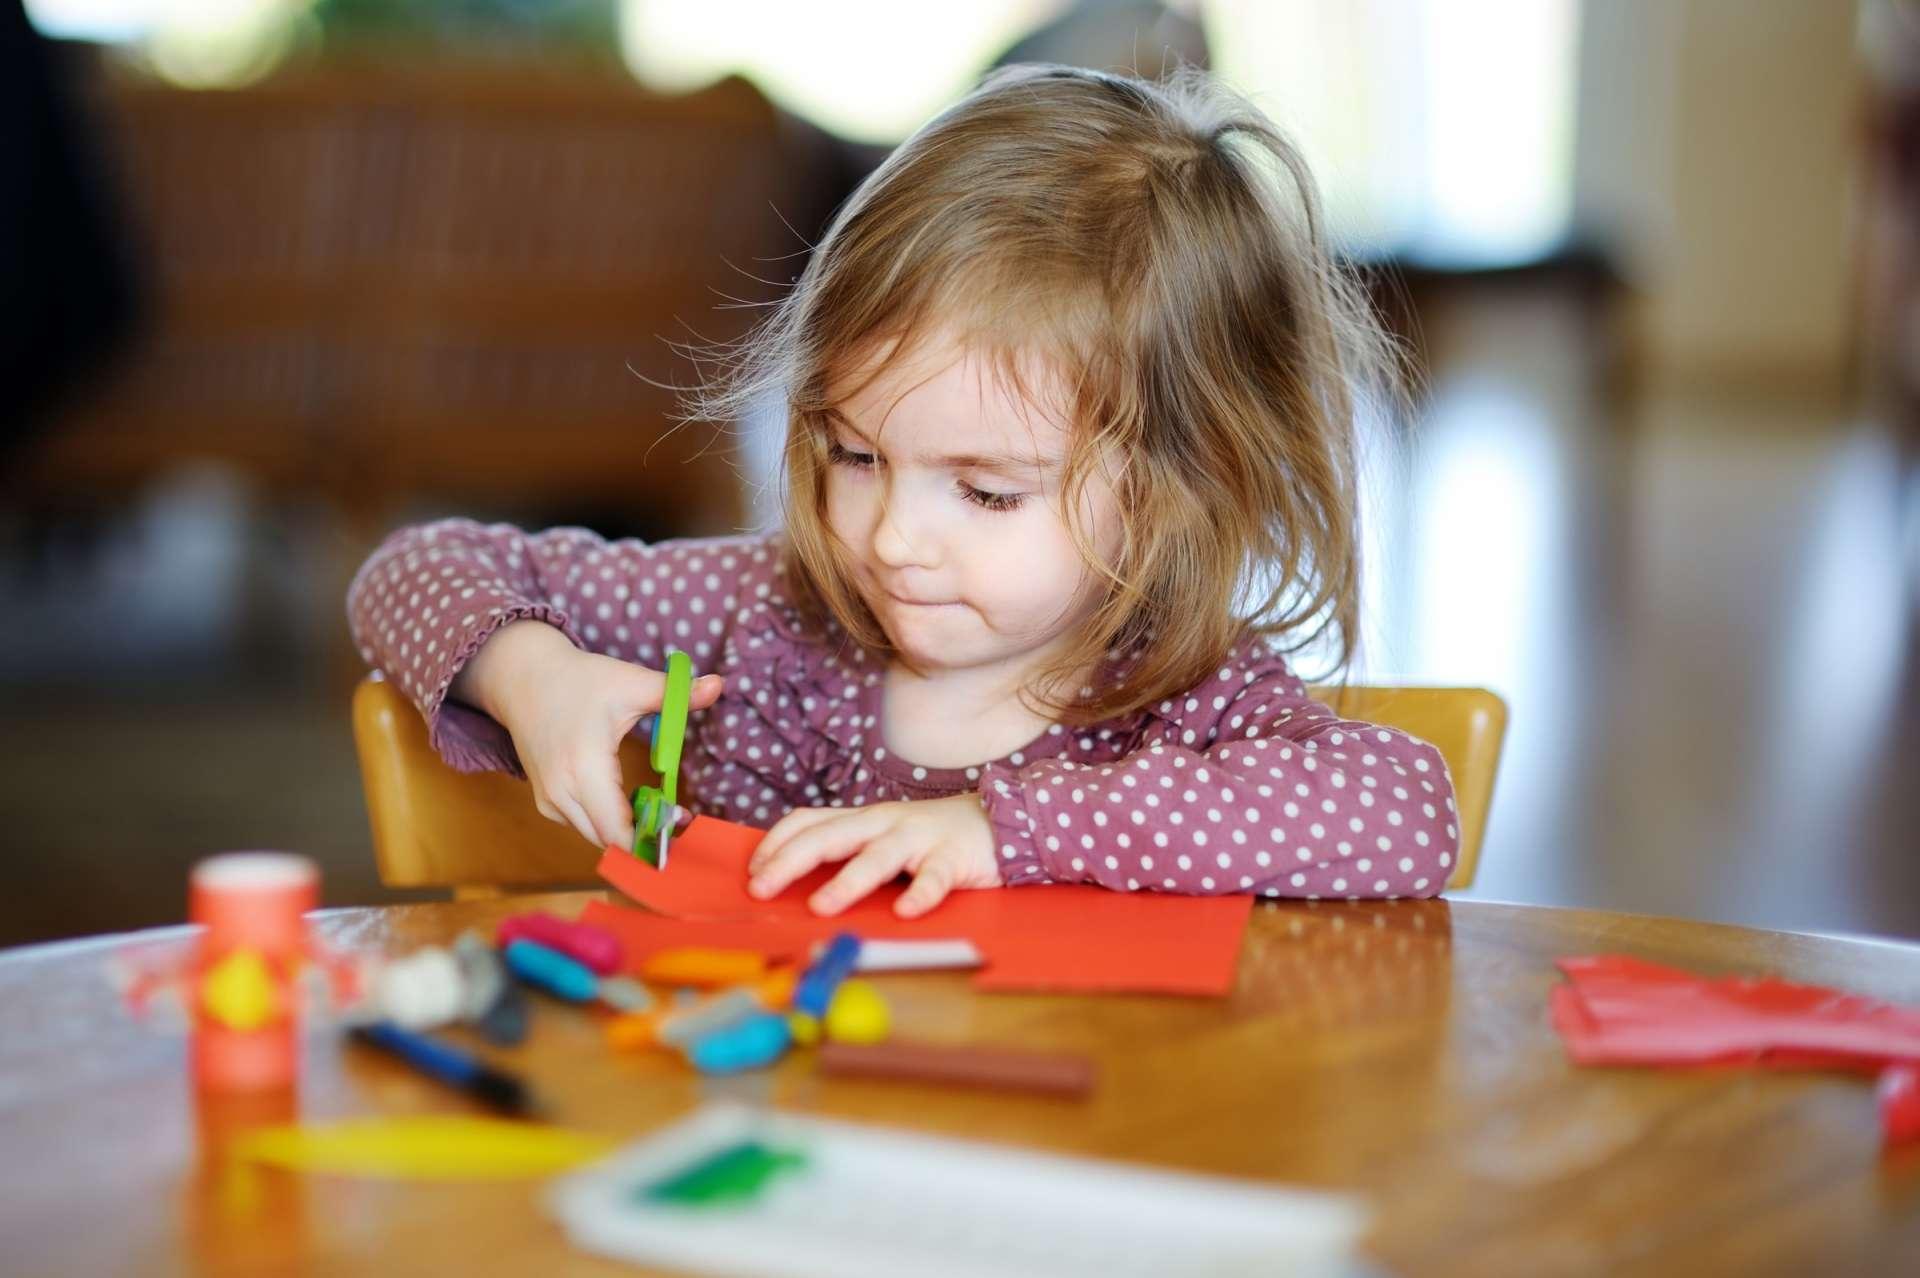 Научить детей делать поделки